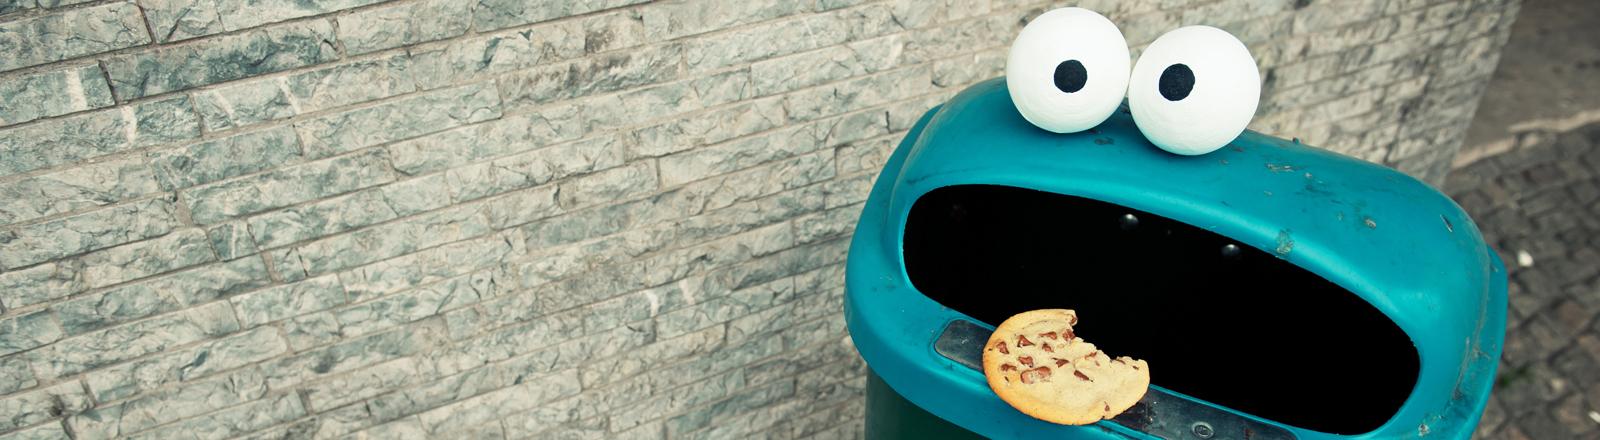 Mülleimer mit Krümmelmonster-Look und Keks